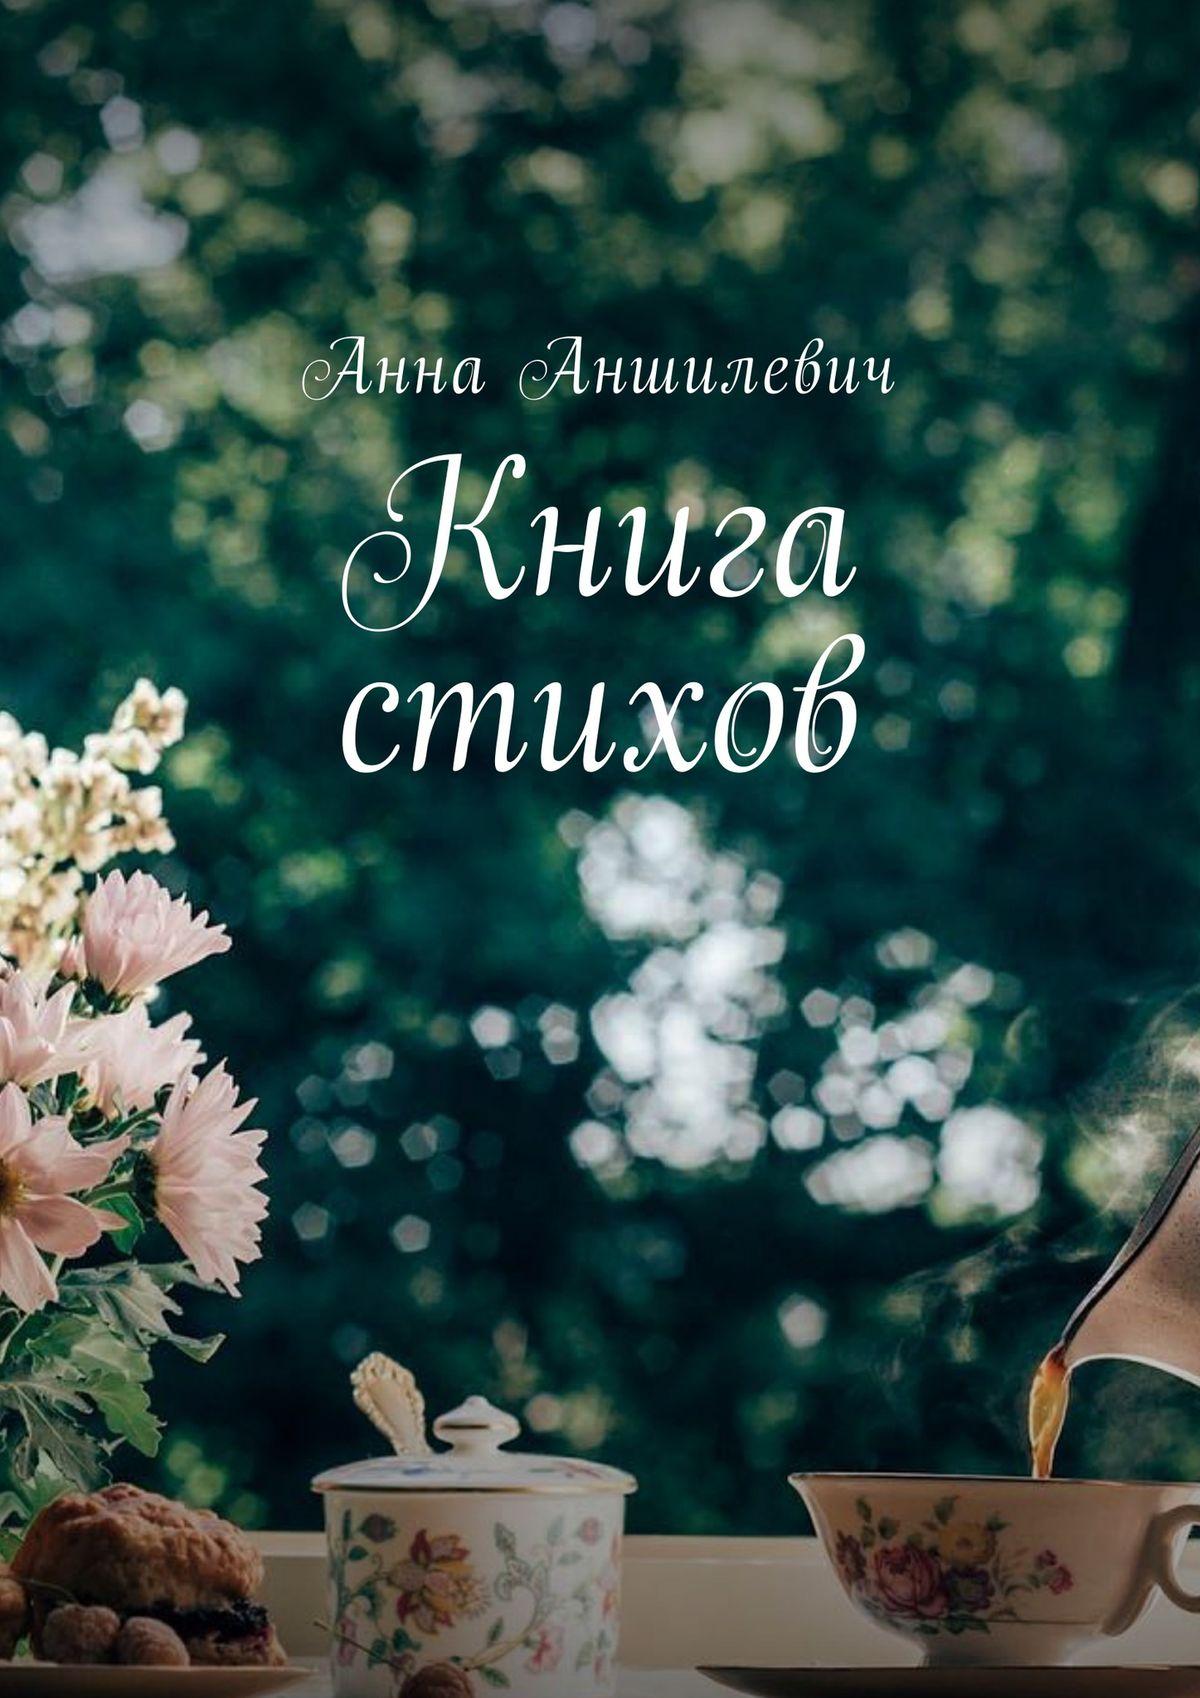 Анна Аншилевич Книга стихов ирен беннани бесконечные наши прогулки стихи олюбви иоморе